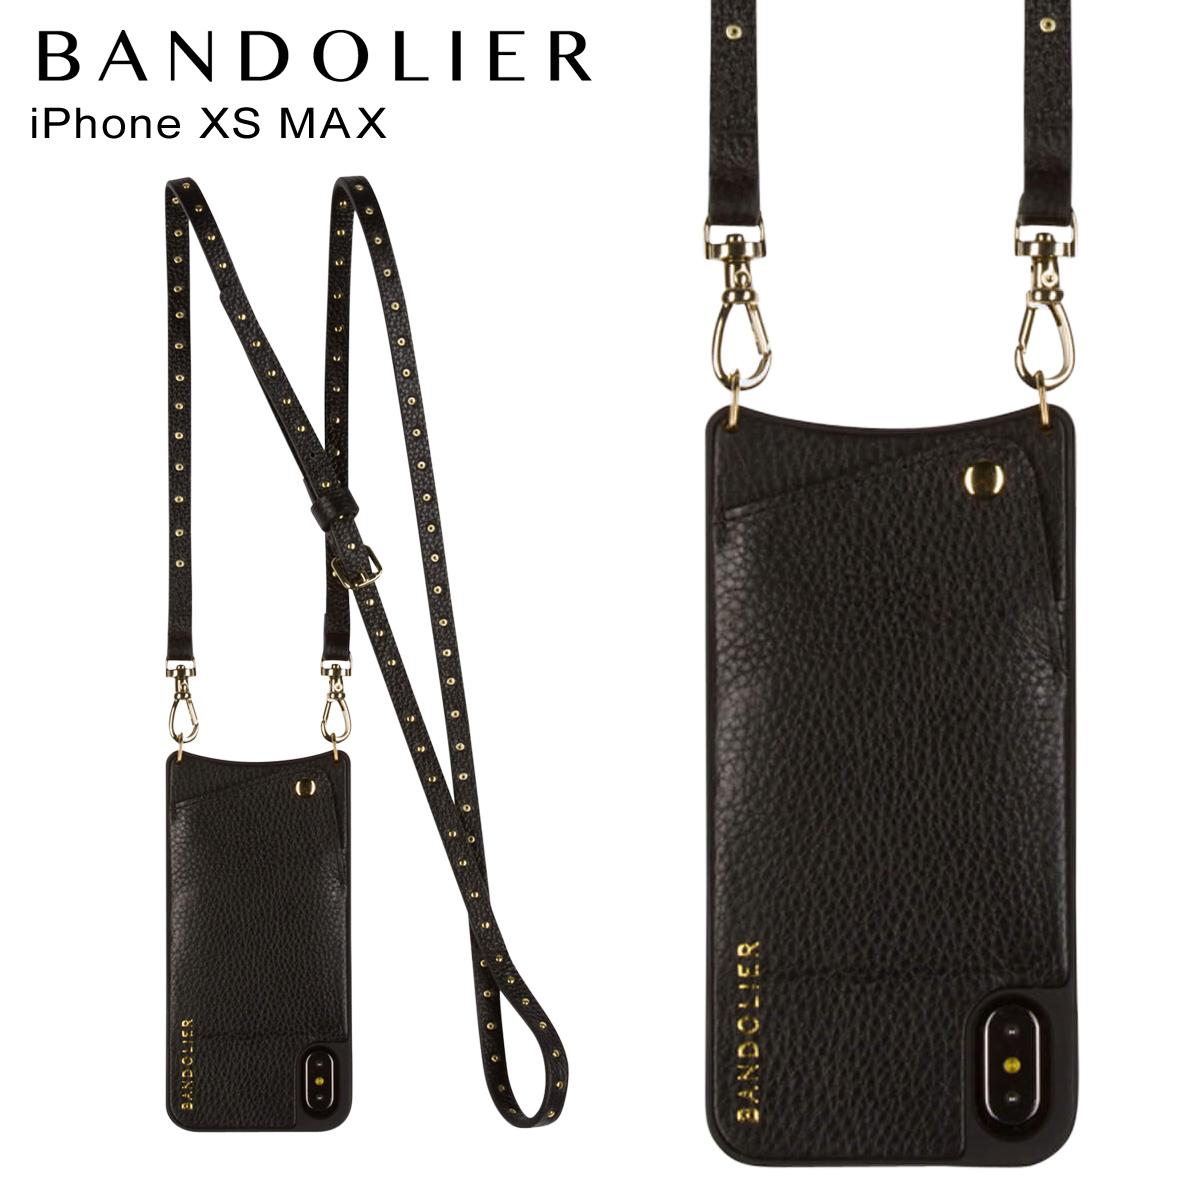 BANDOLIER iPhone XS MAX NICOLE GOLD バンドリヤー ケース ショルダー スマホ アイフォン レザー メンズ レディース ブラック 10NIC1001, ジェネシスH2ウォーター 4b2757e0